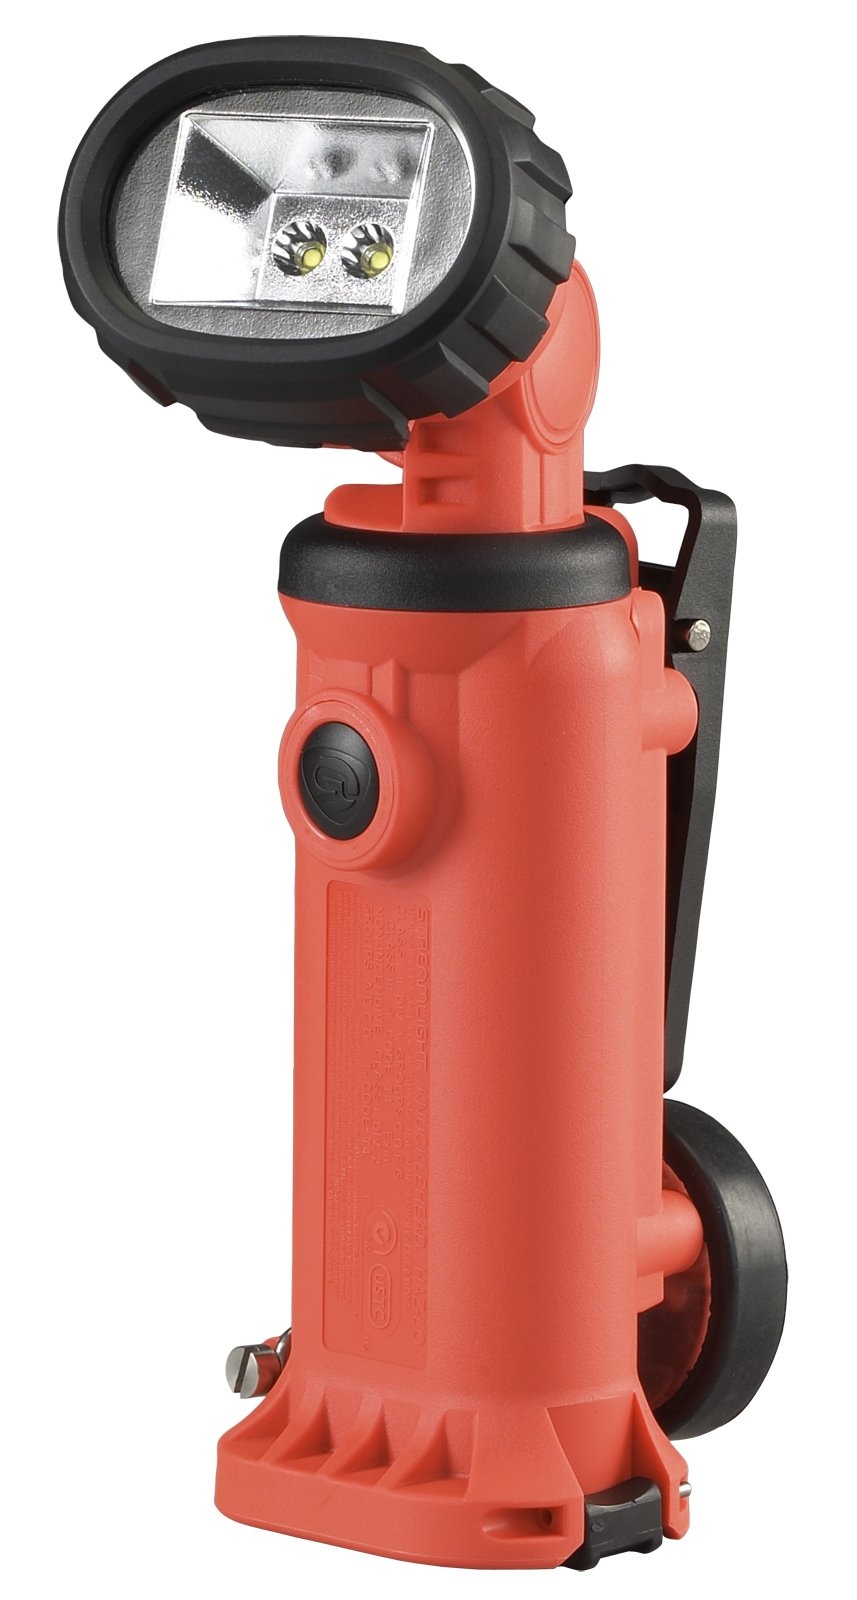 Streamlight 91644 Knucklehead HAZ-LO Flood Light, Orange - 163 Lumens by Streamlight (Image #1)